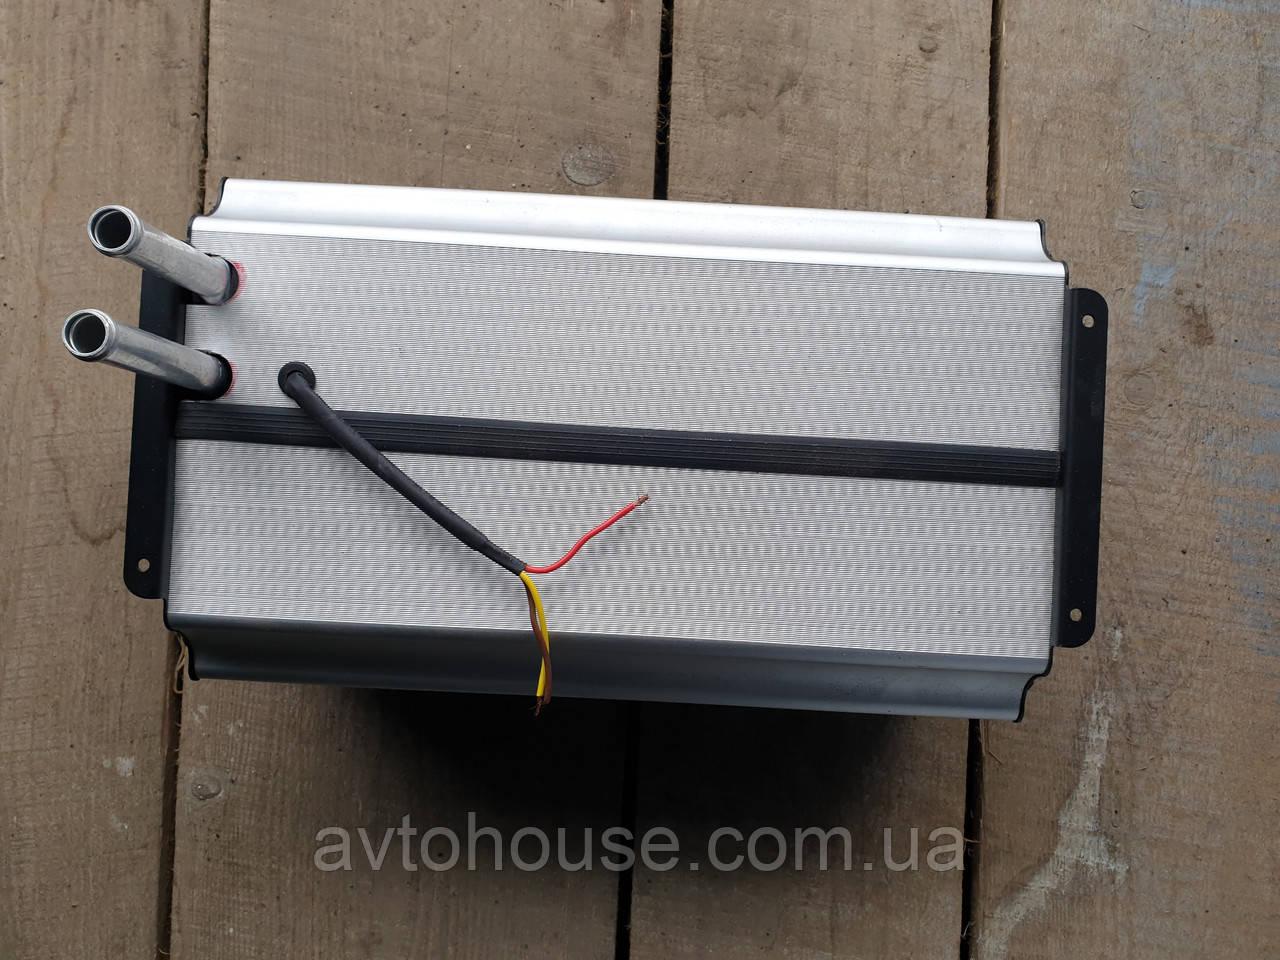 Дополнительный обогреватель салона автомобиля 12 вольт 2-х моторный